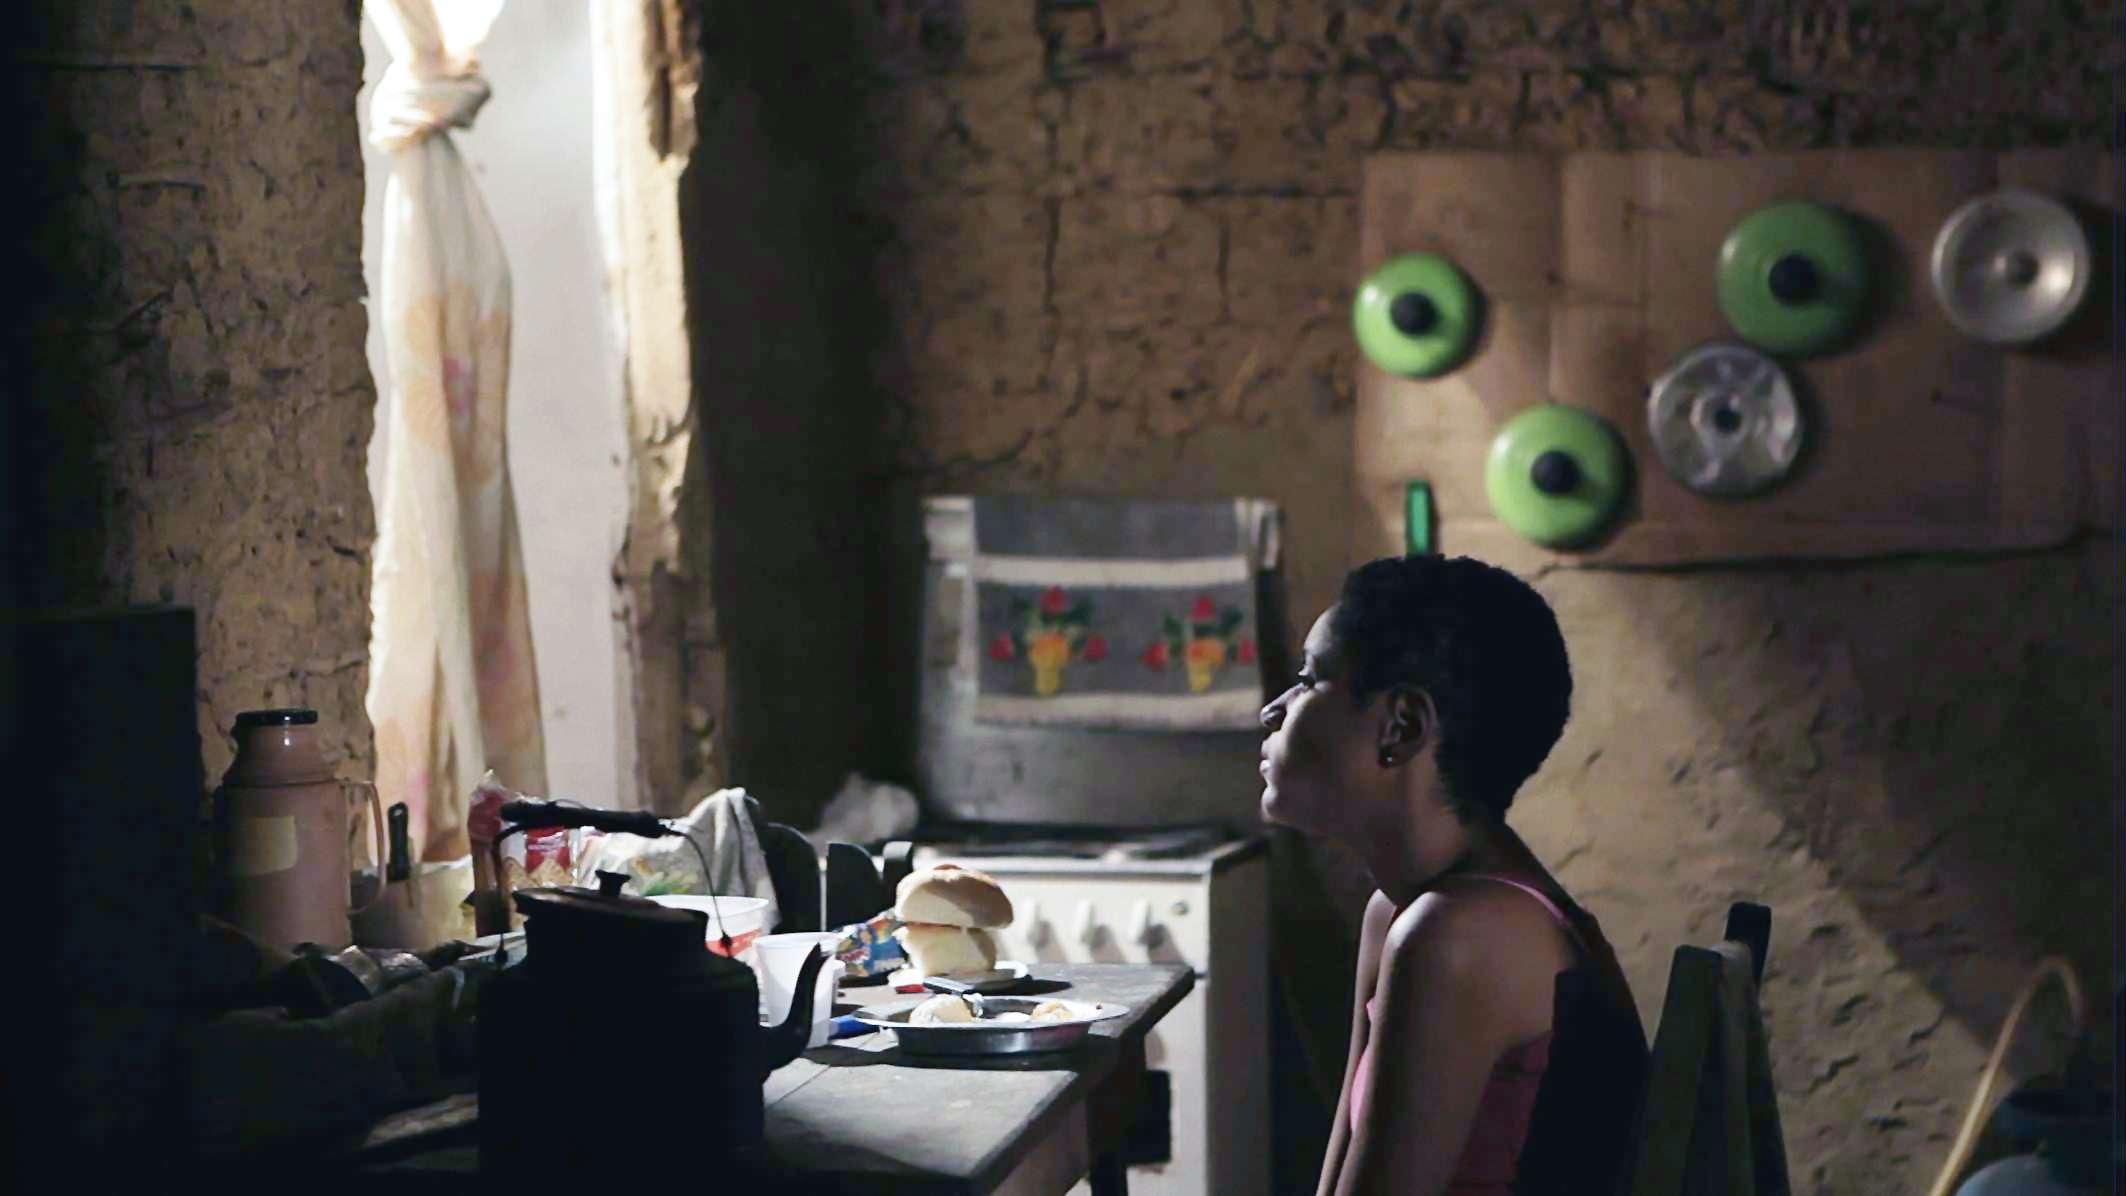 Ventos de agosto:  Dandara De Morais nei panni di Shirley in una scena del film